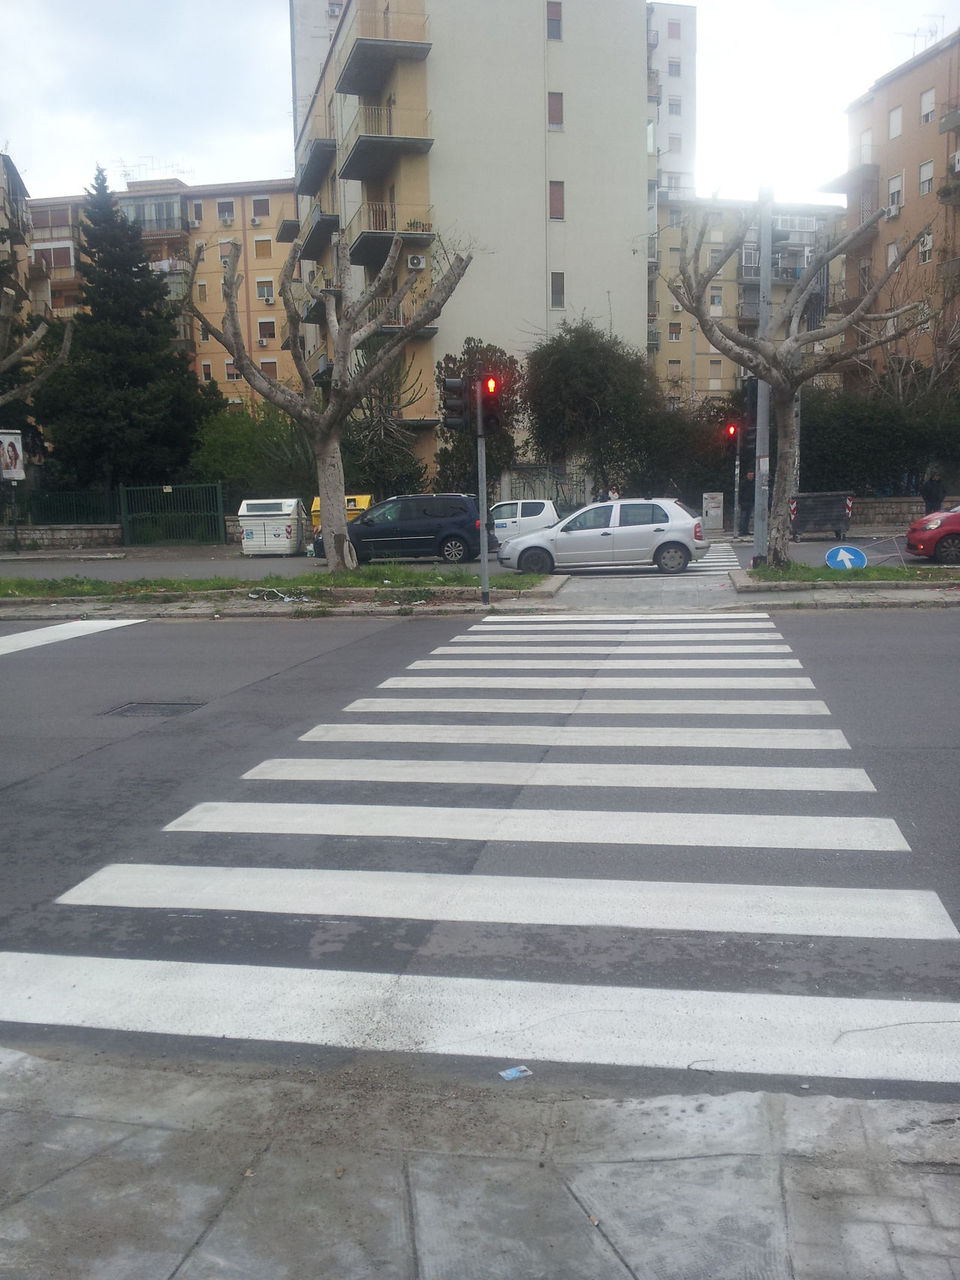 Attivato il nuovo semaforo pedonale di via e basile for Mobilita palermo